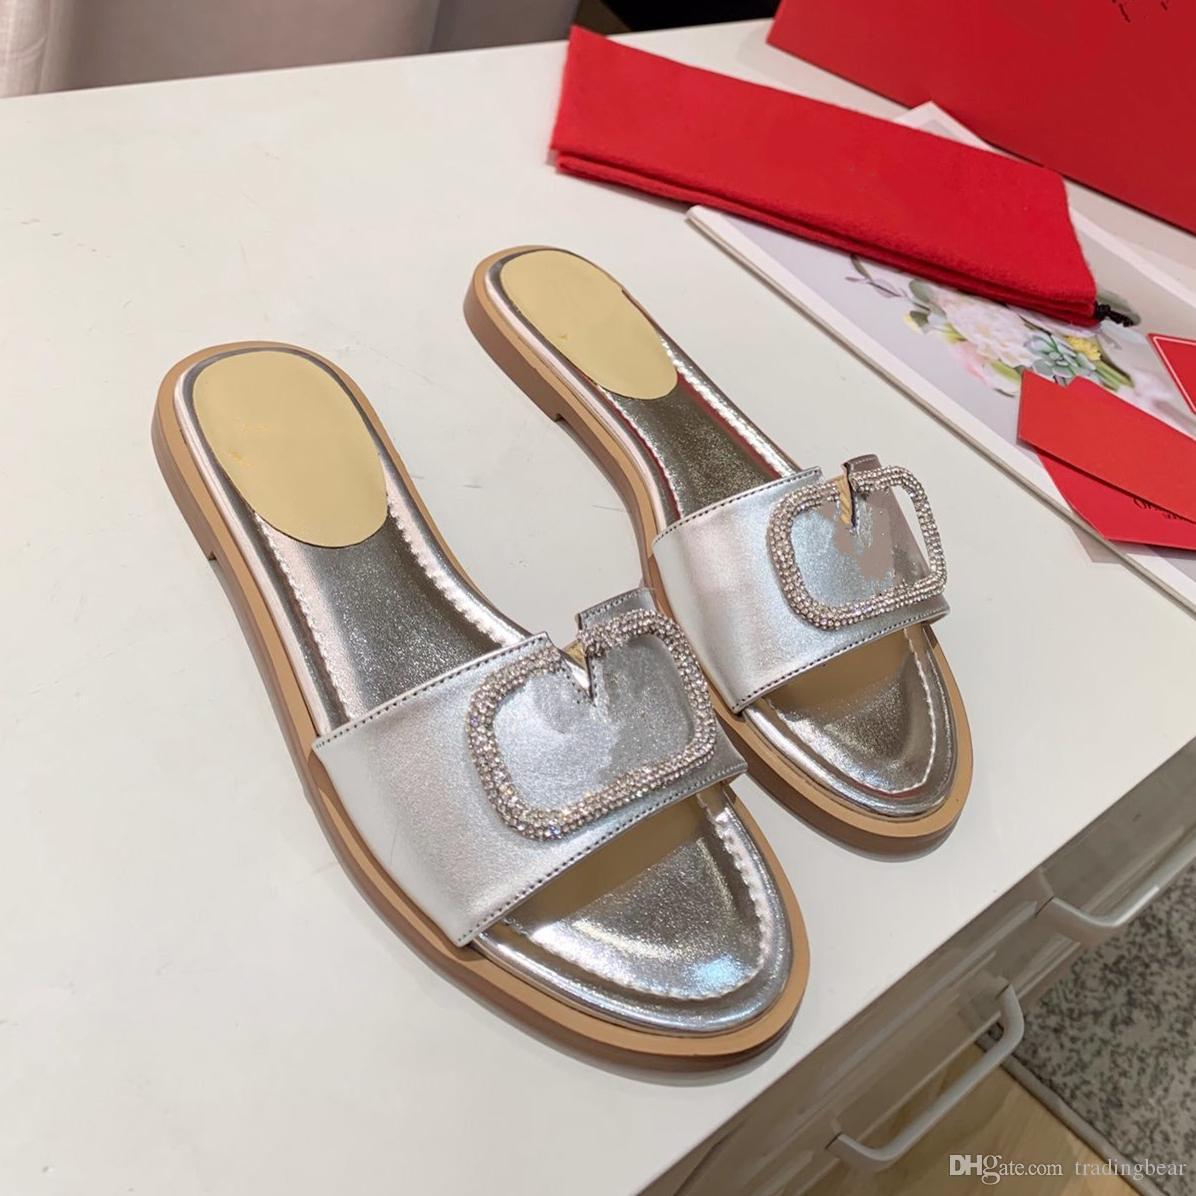 2020 gerçek deri altın gümüş elmas taklidi slaytlar düz topuk tasarımcı sandalet lüks kadın moda ayakkabılar boyutu 35-41 tradingbear